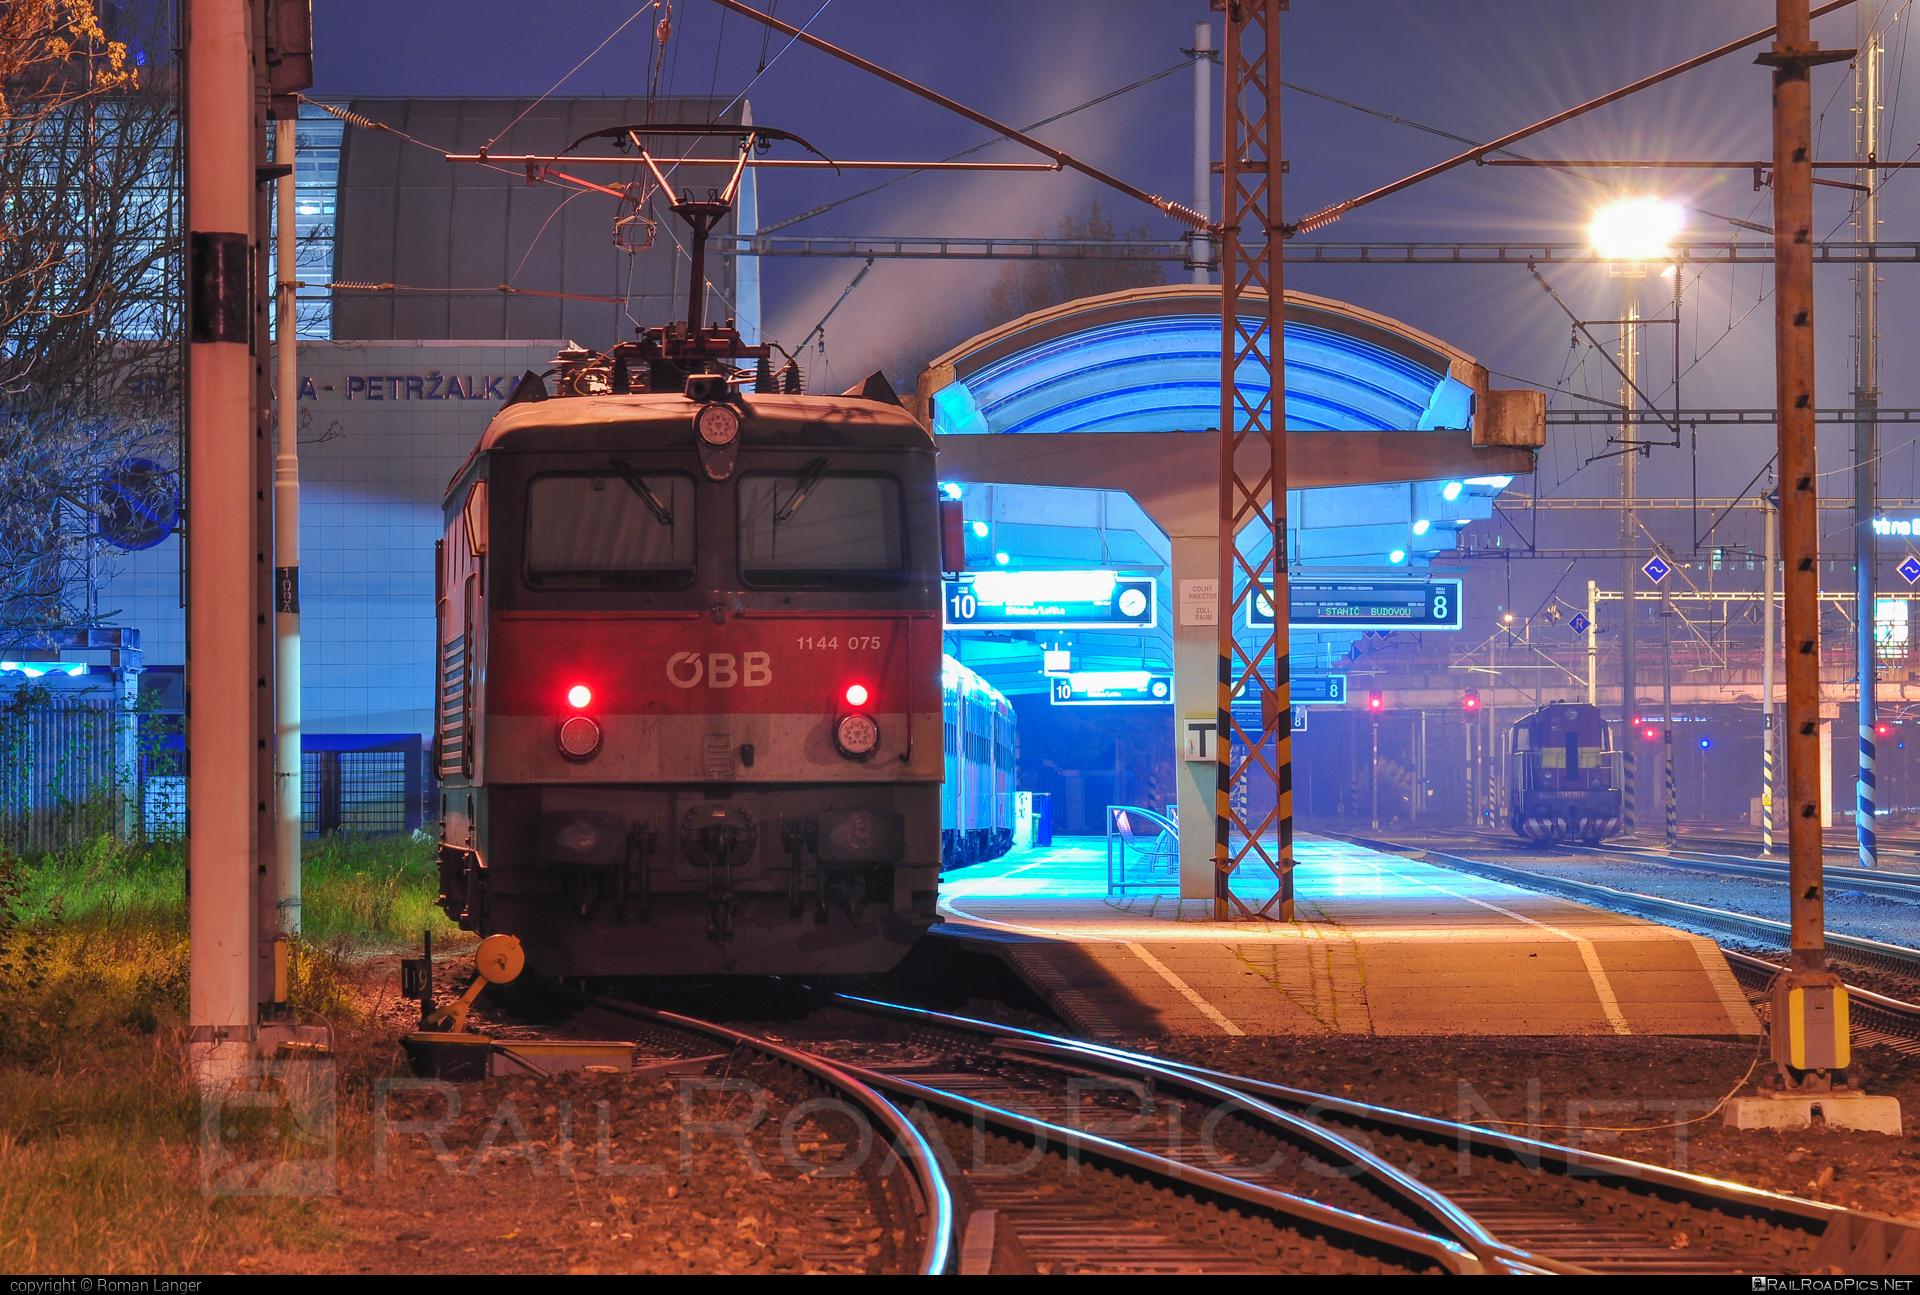 SGP ÖBB Class 1144 - 1144 075 operated by Österreichische Bundesbahnen #obb #obbclass1144 #osterreichischebundesbahnen #sgp #sgp1144 #simmeringgrazpauker